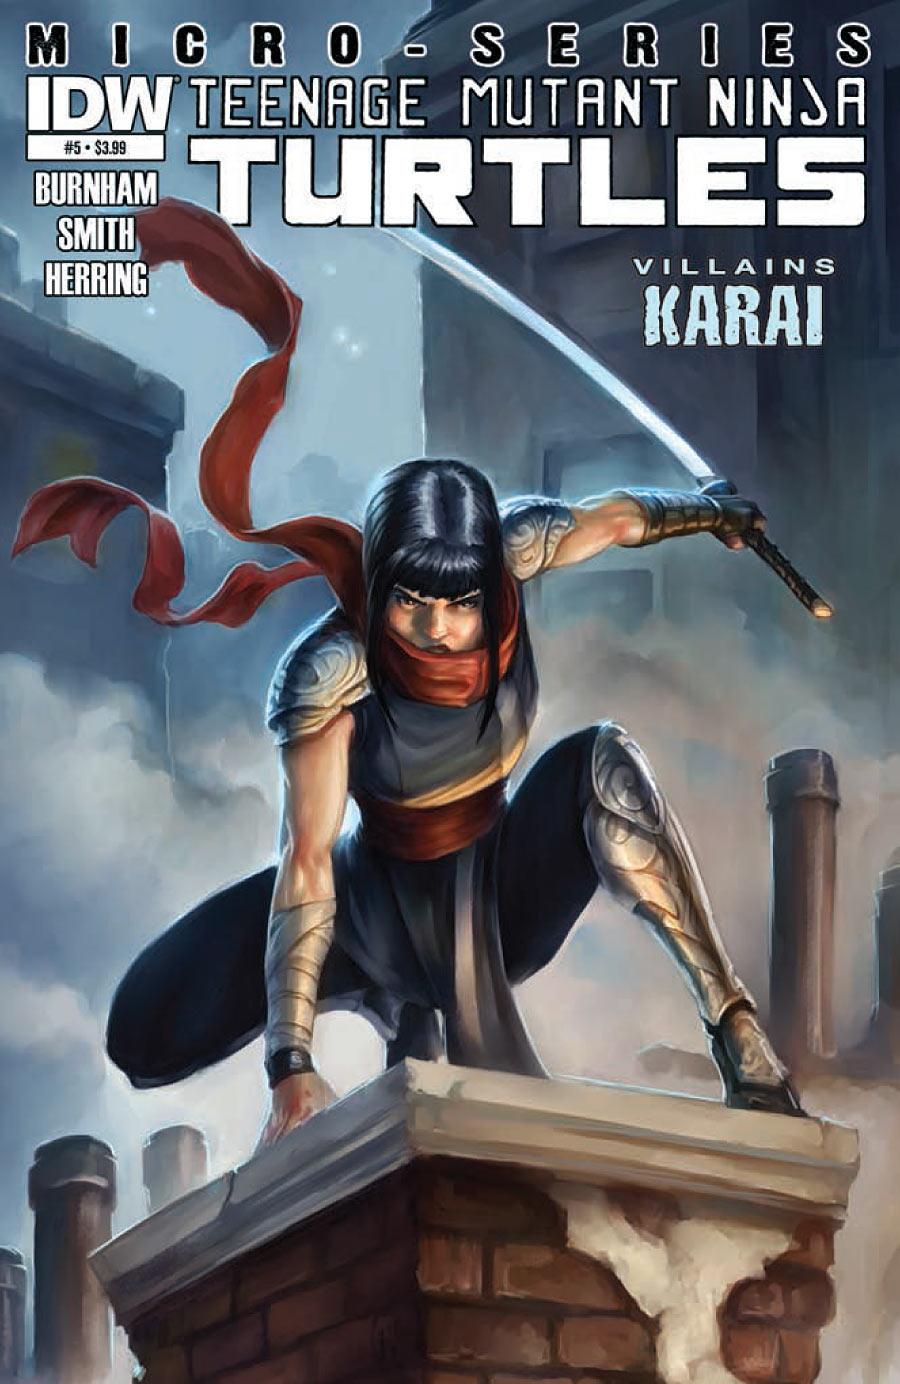 Teenage Mutant Ninja Turtles: Villains Micro-Series #5